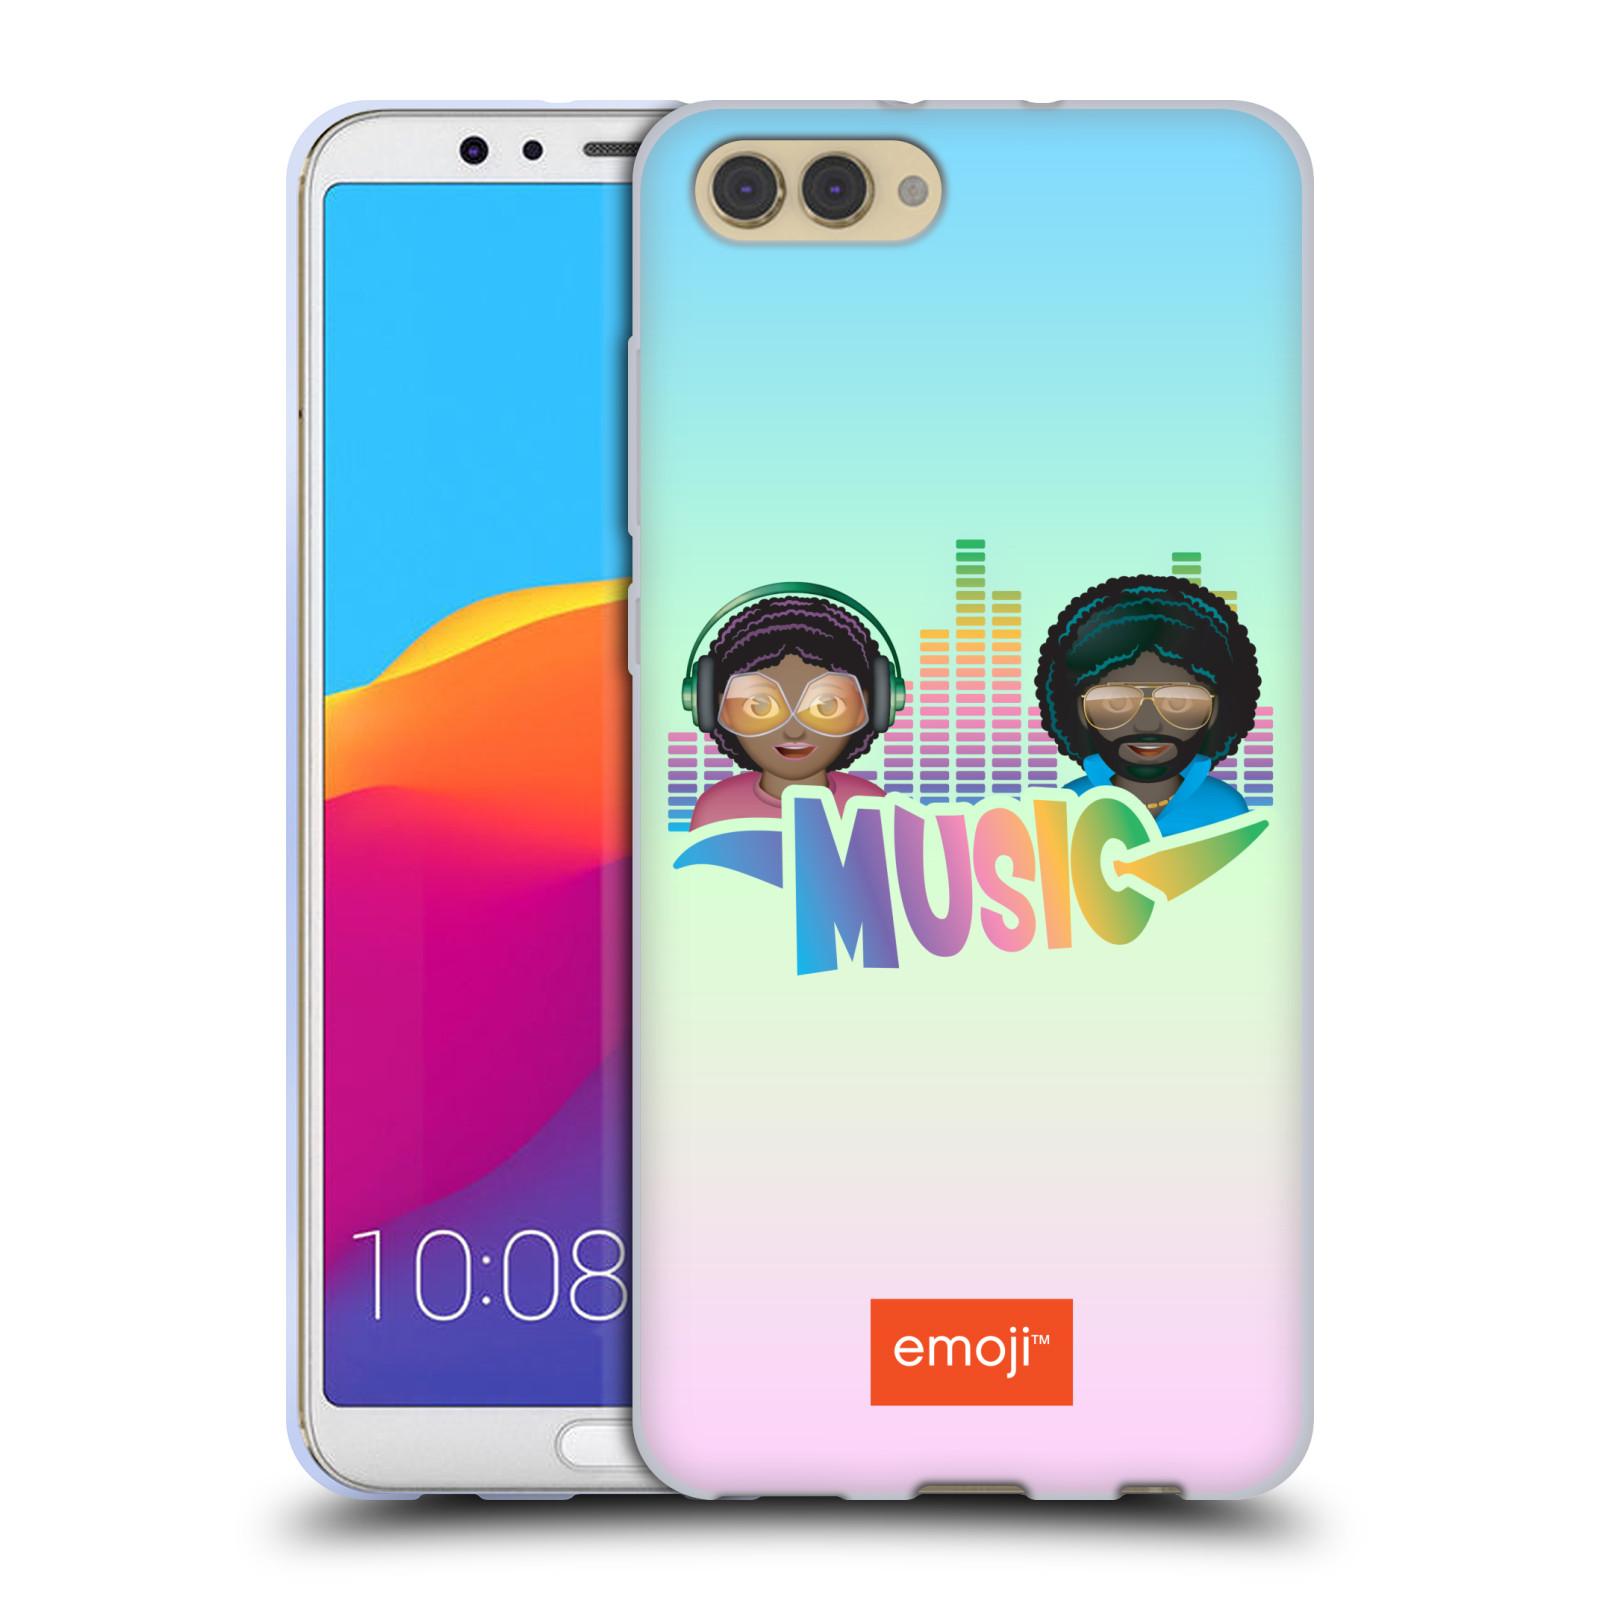 HEAD CASE silikonový obal na mobil Huawei HONOR VIEW 10 / V10 smajlík oficiální kryt EMOJI hudba ekvalizér